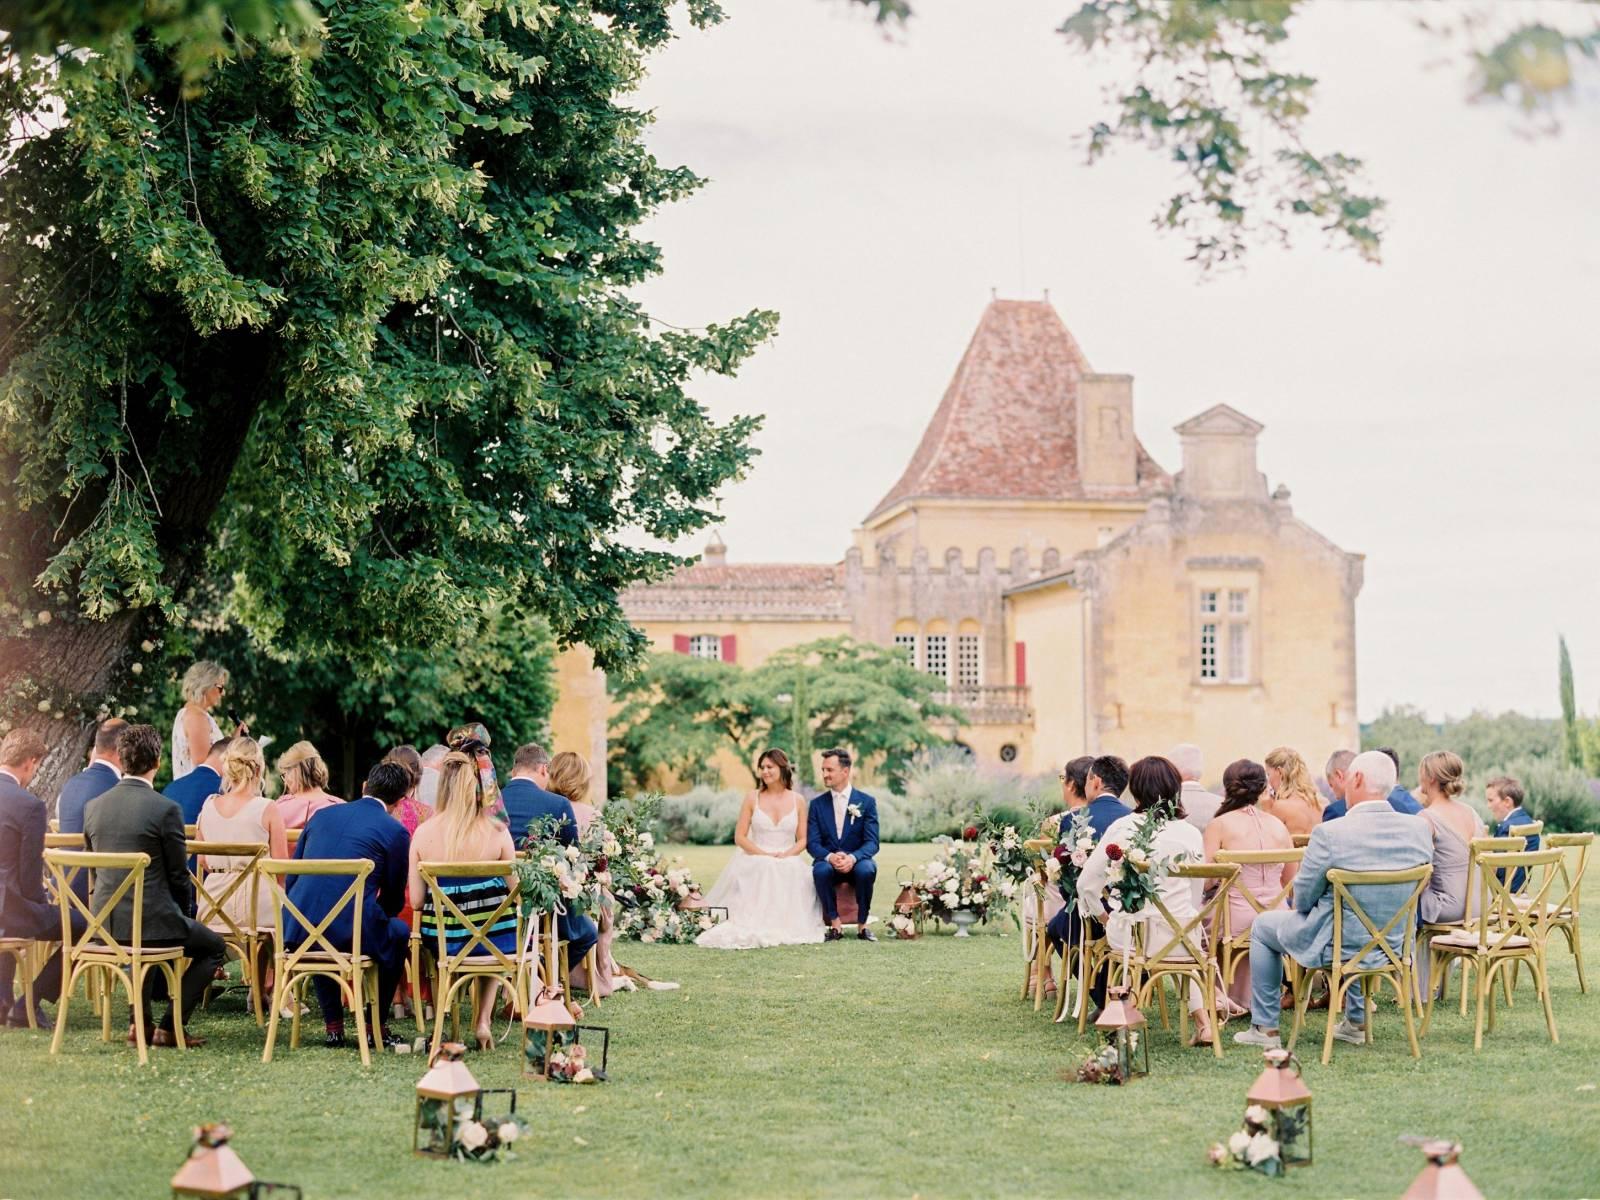 Elisabeth Van Lent - Huwelijksfotograaf - Fine Art - House of Weddings - 22